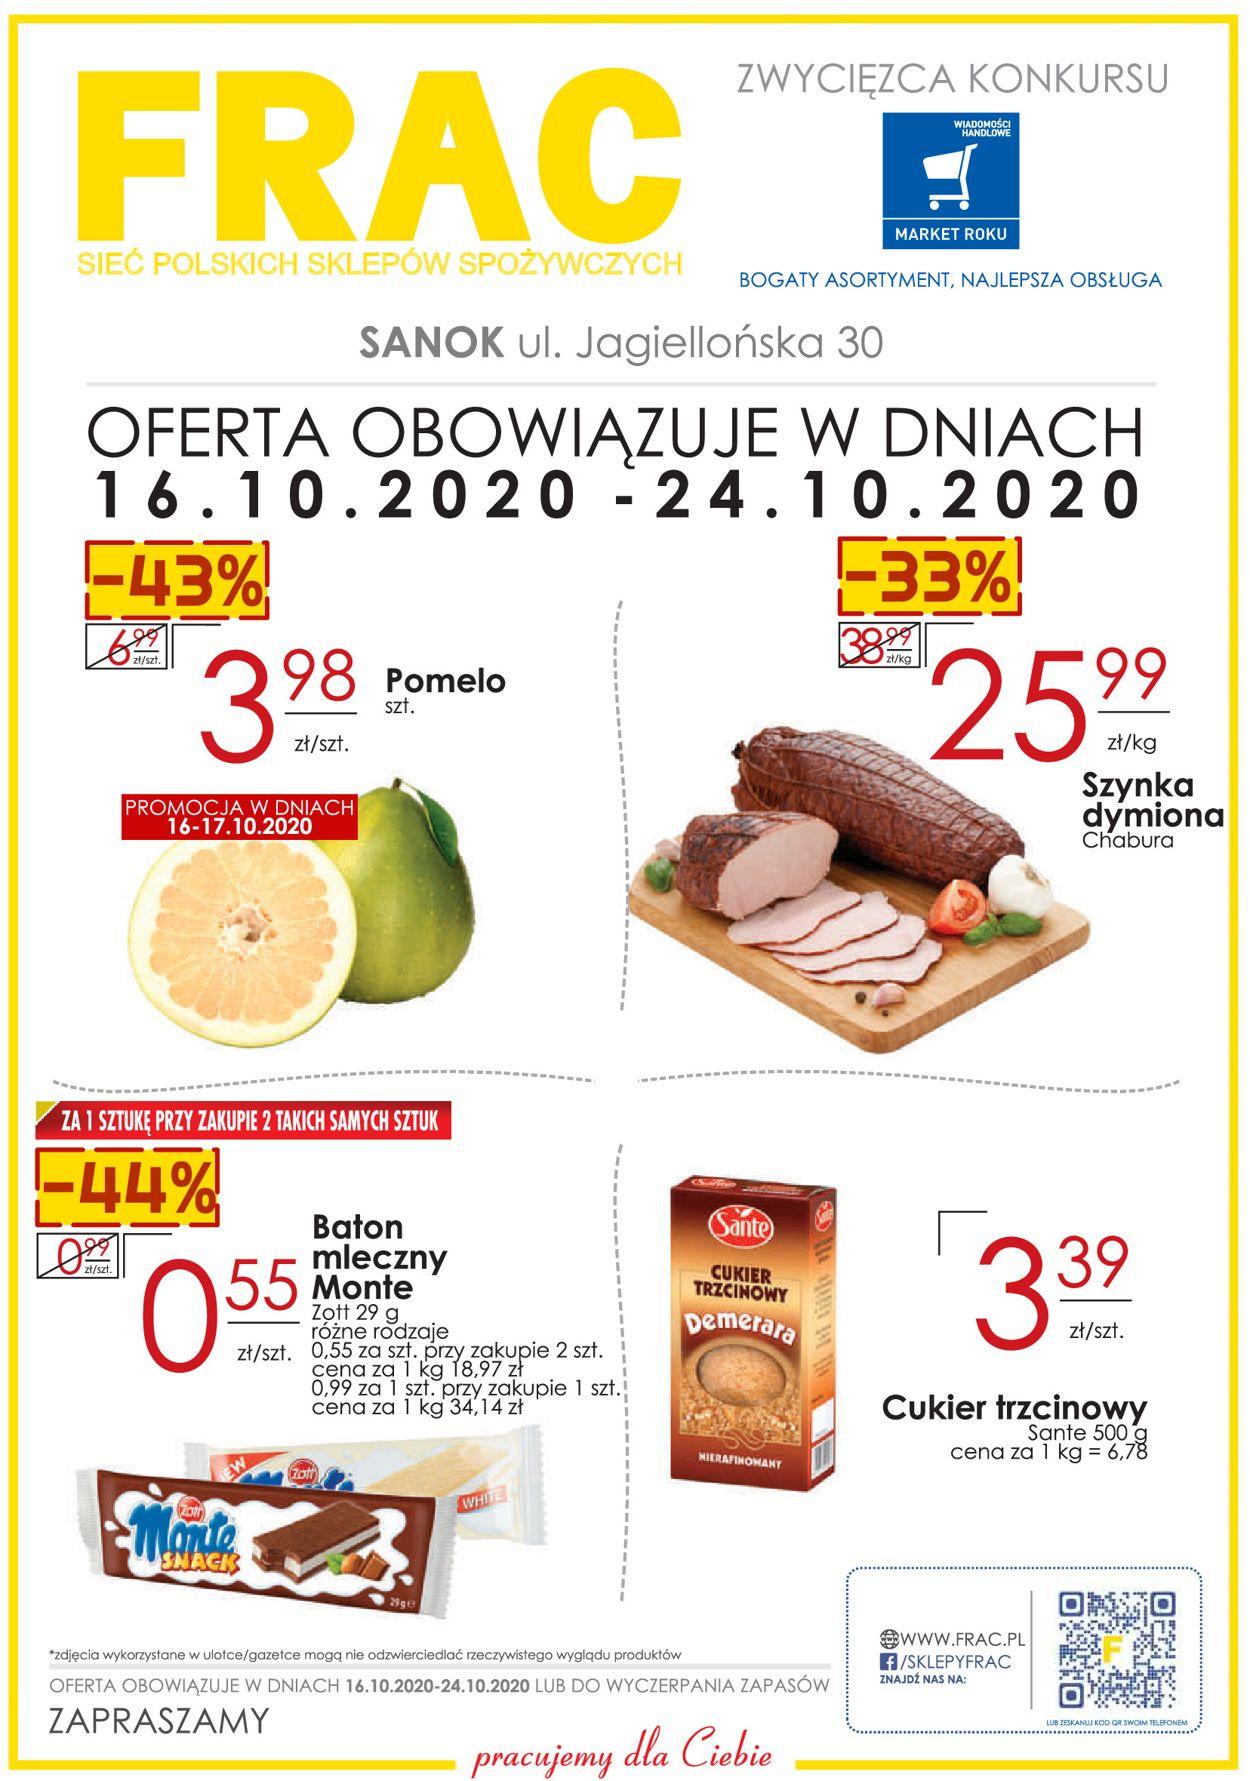 Gazetka promocyjna Frac - 16.10-24.10.2020